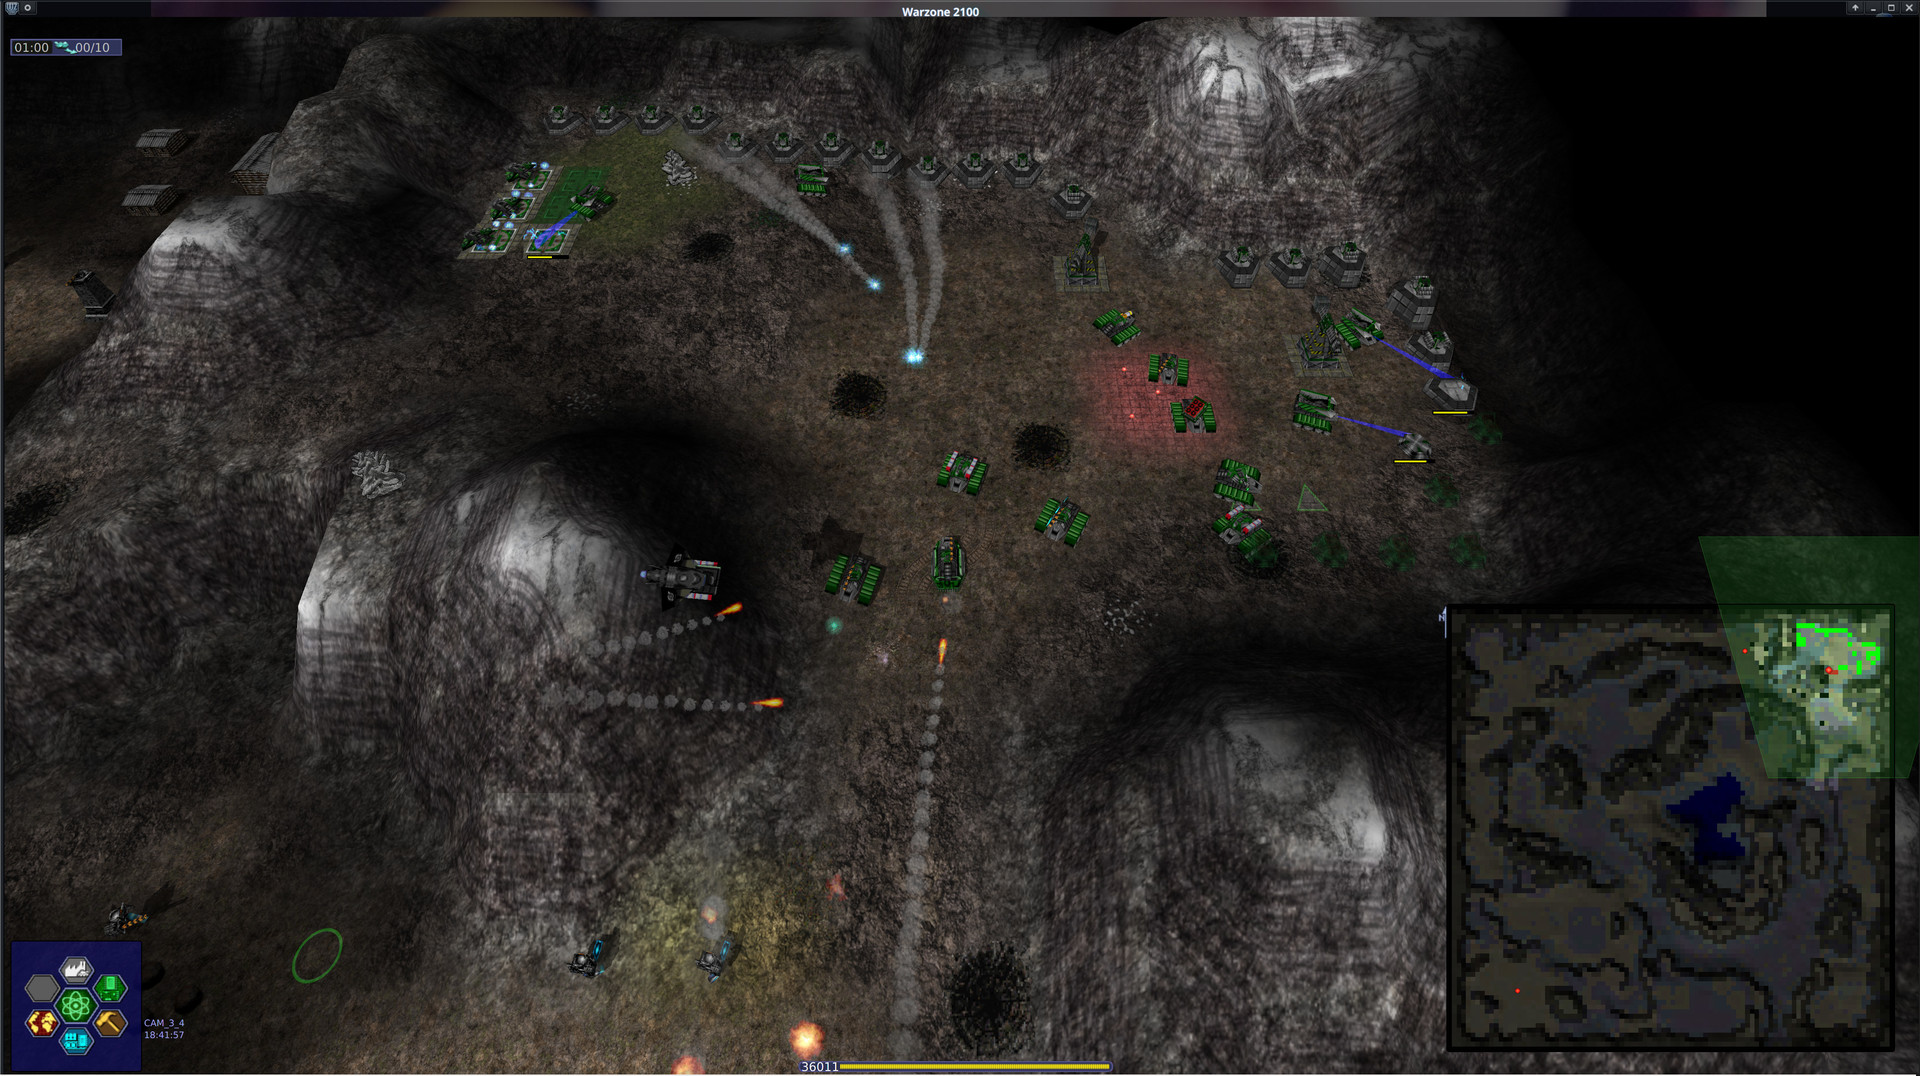 Znalezione obrazy dlazapytania: Warzone 2100 steam